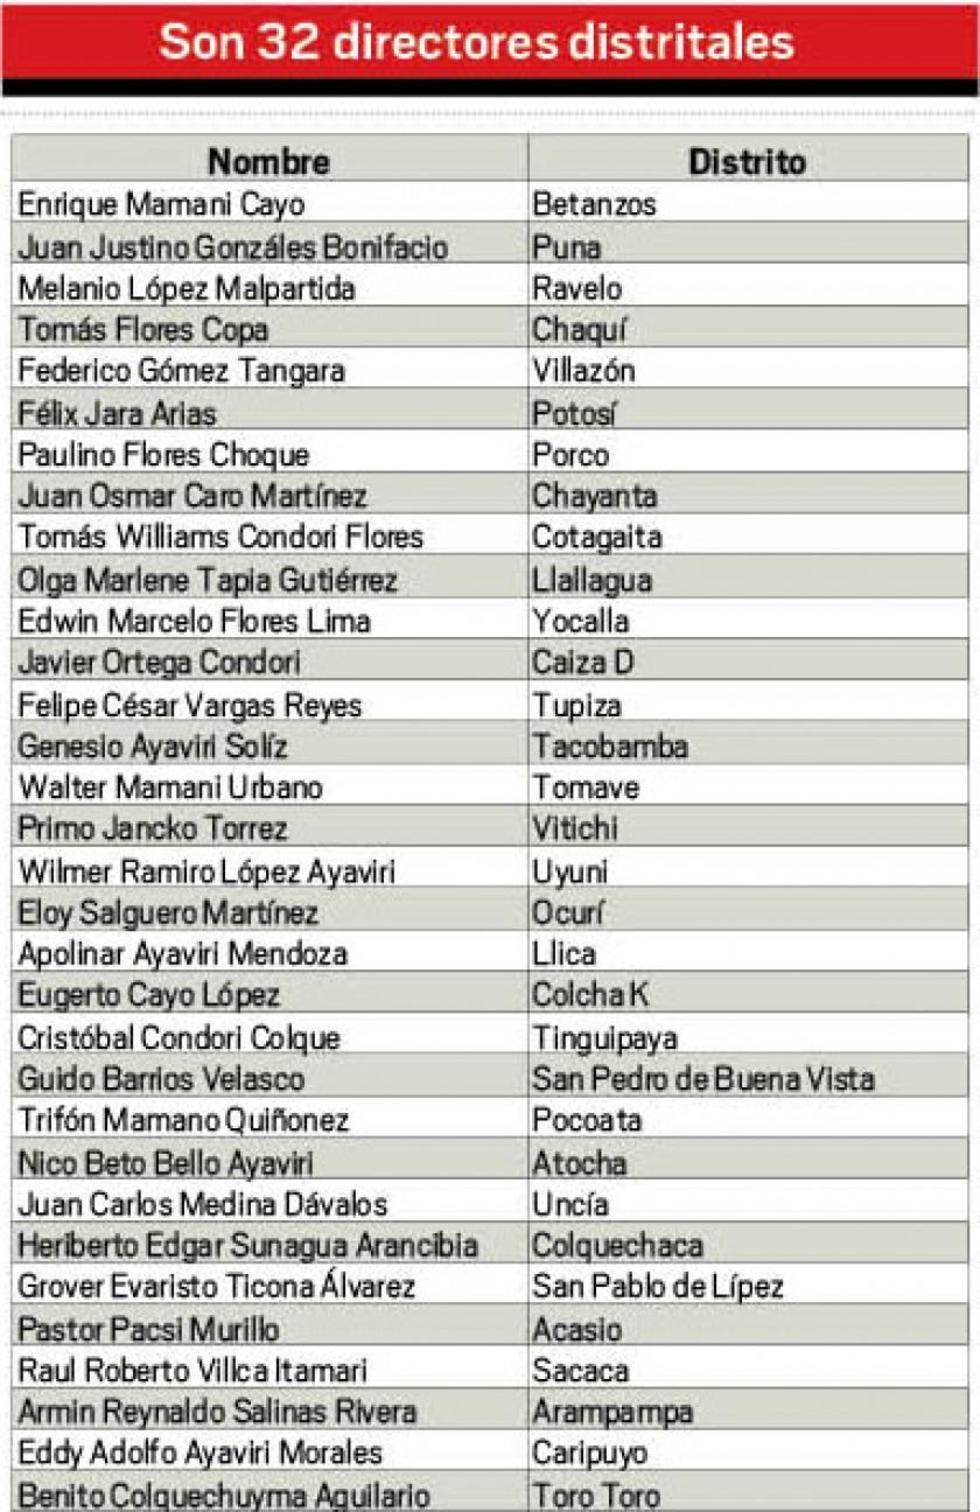 32 Directores distritales